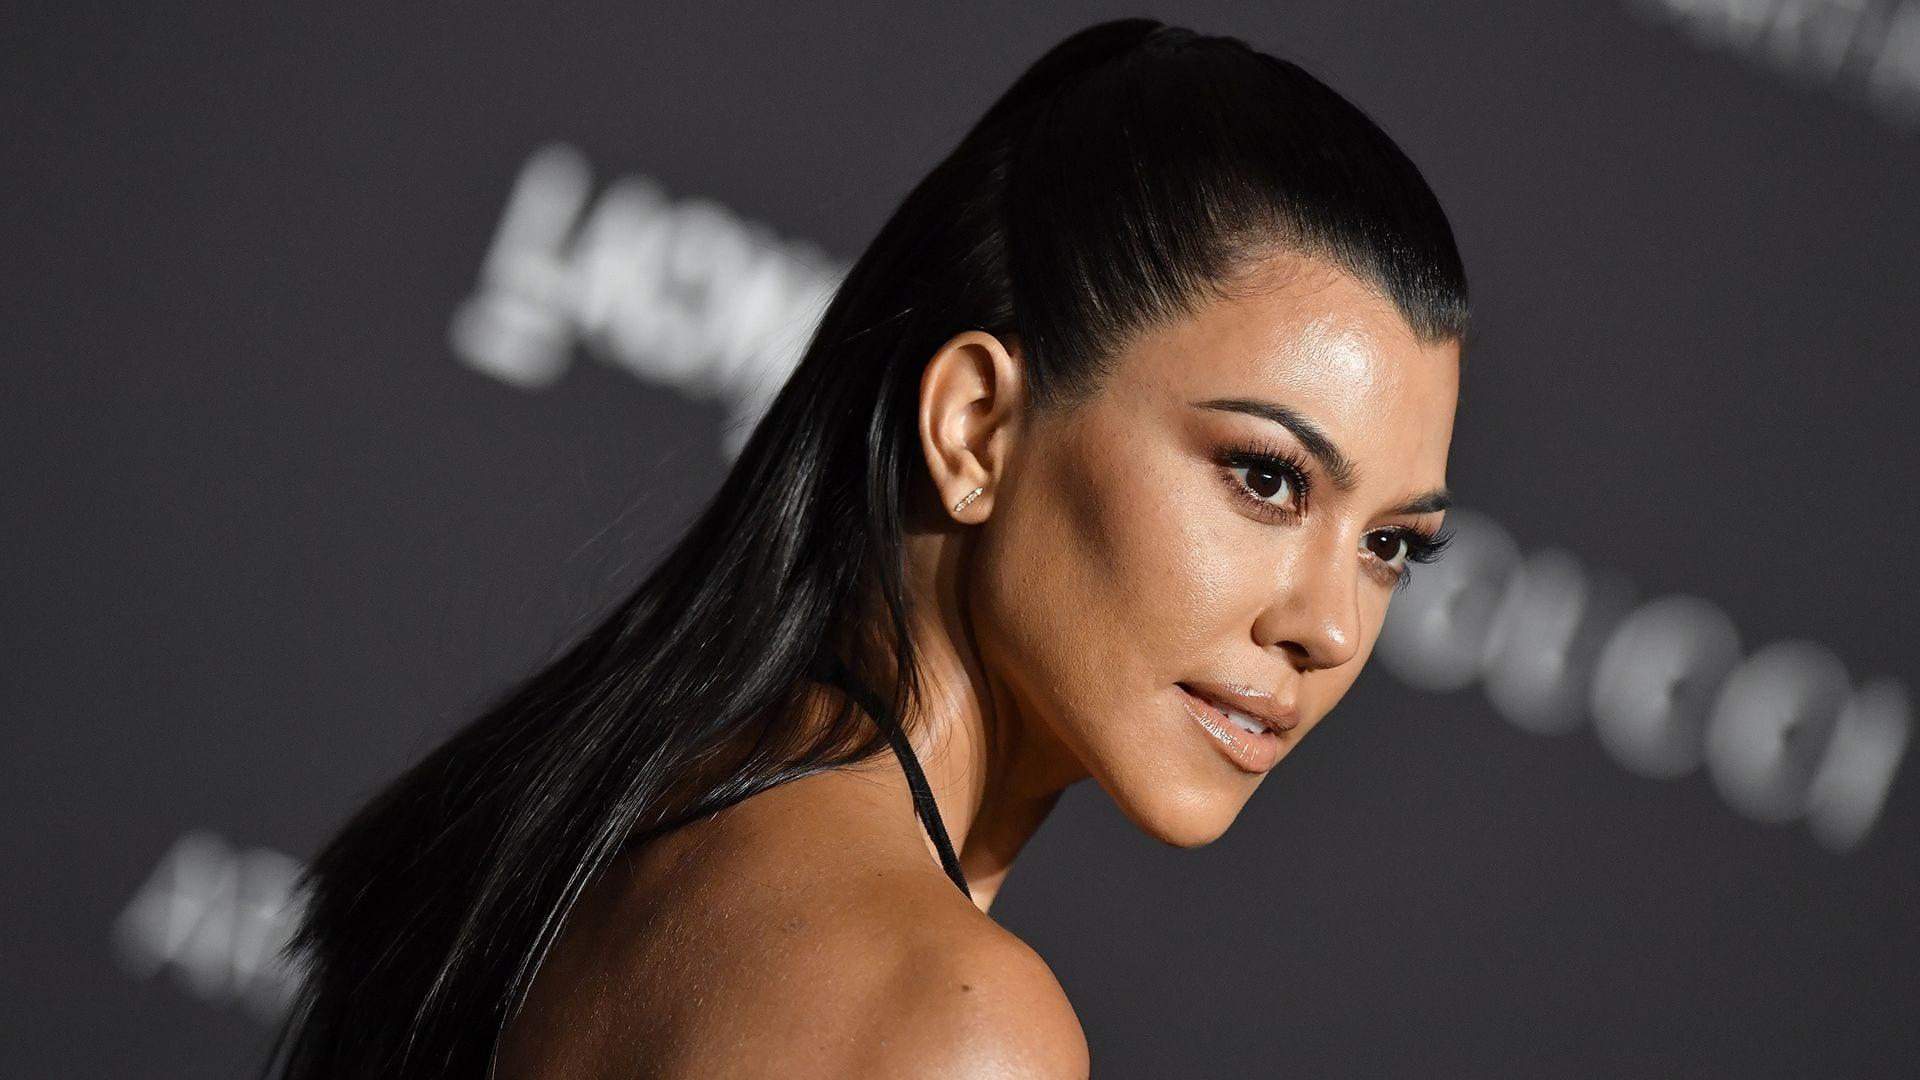 Who is Kourtney Kardashian dating?